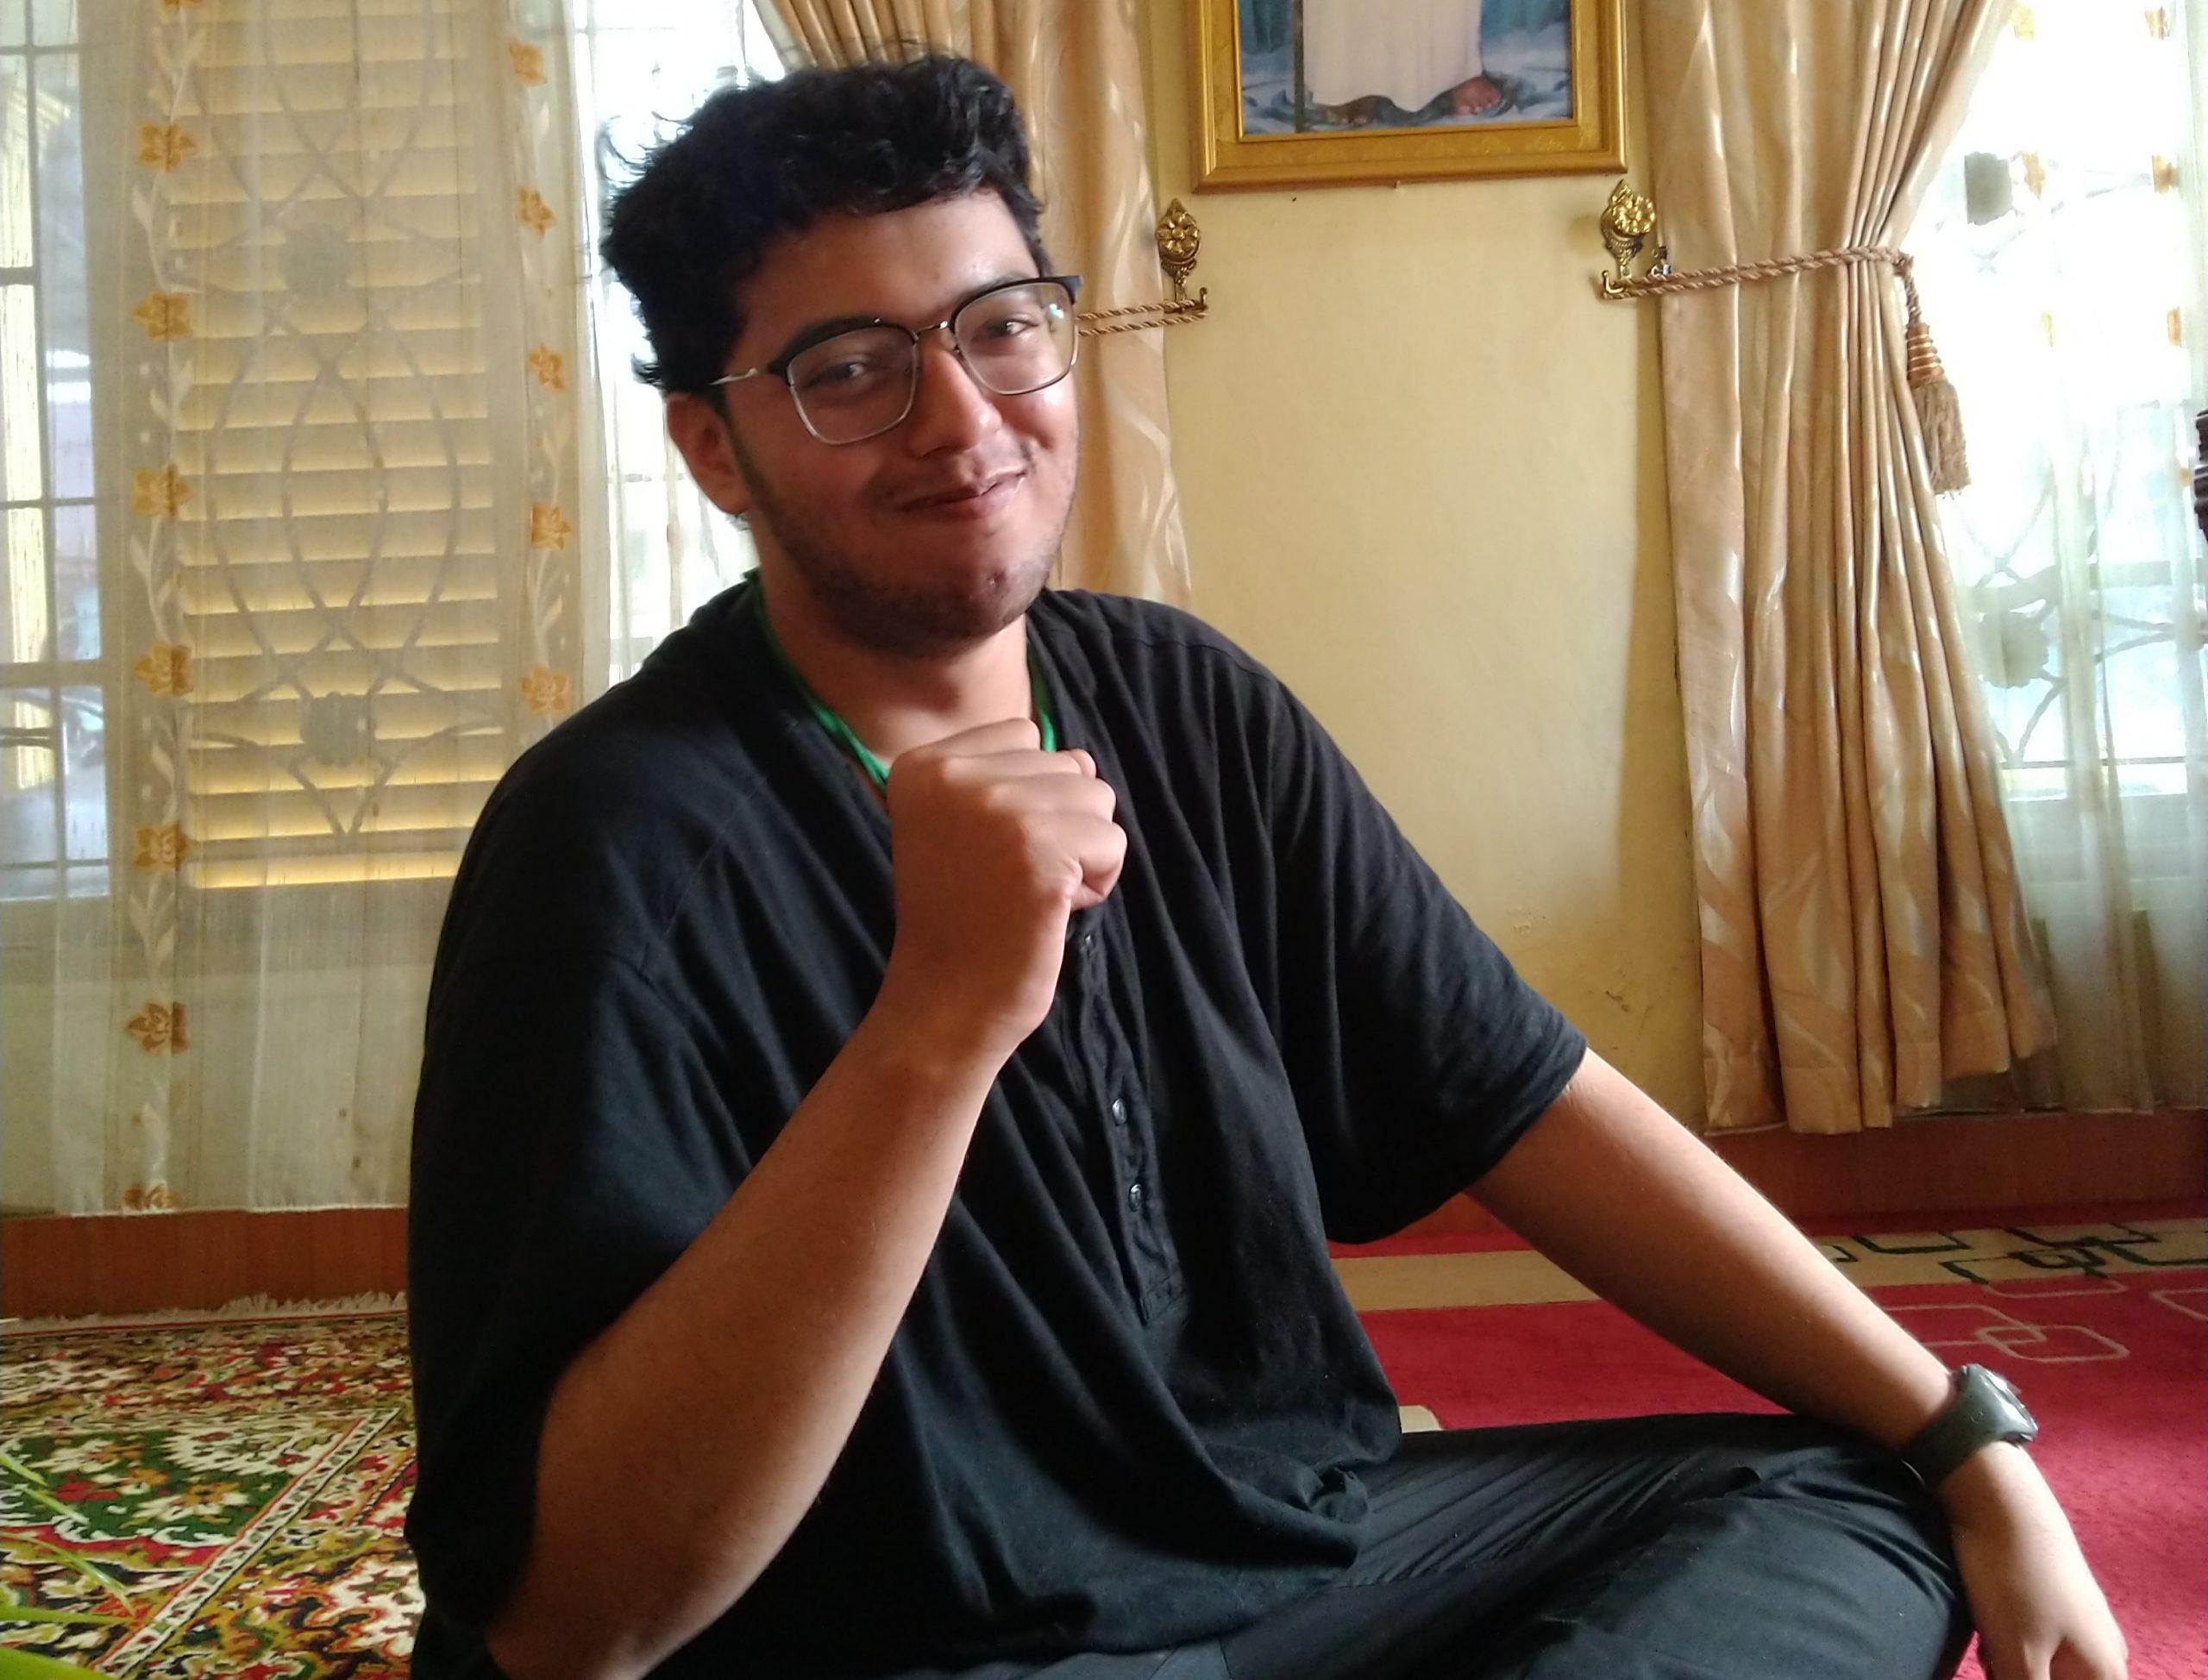 IMG 20201025 165009 2 scaled - Sayyid Al Ahdal Ini Memilih NU dan Indonesia